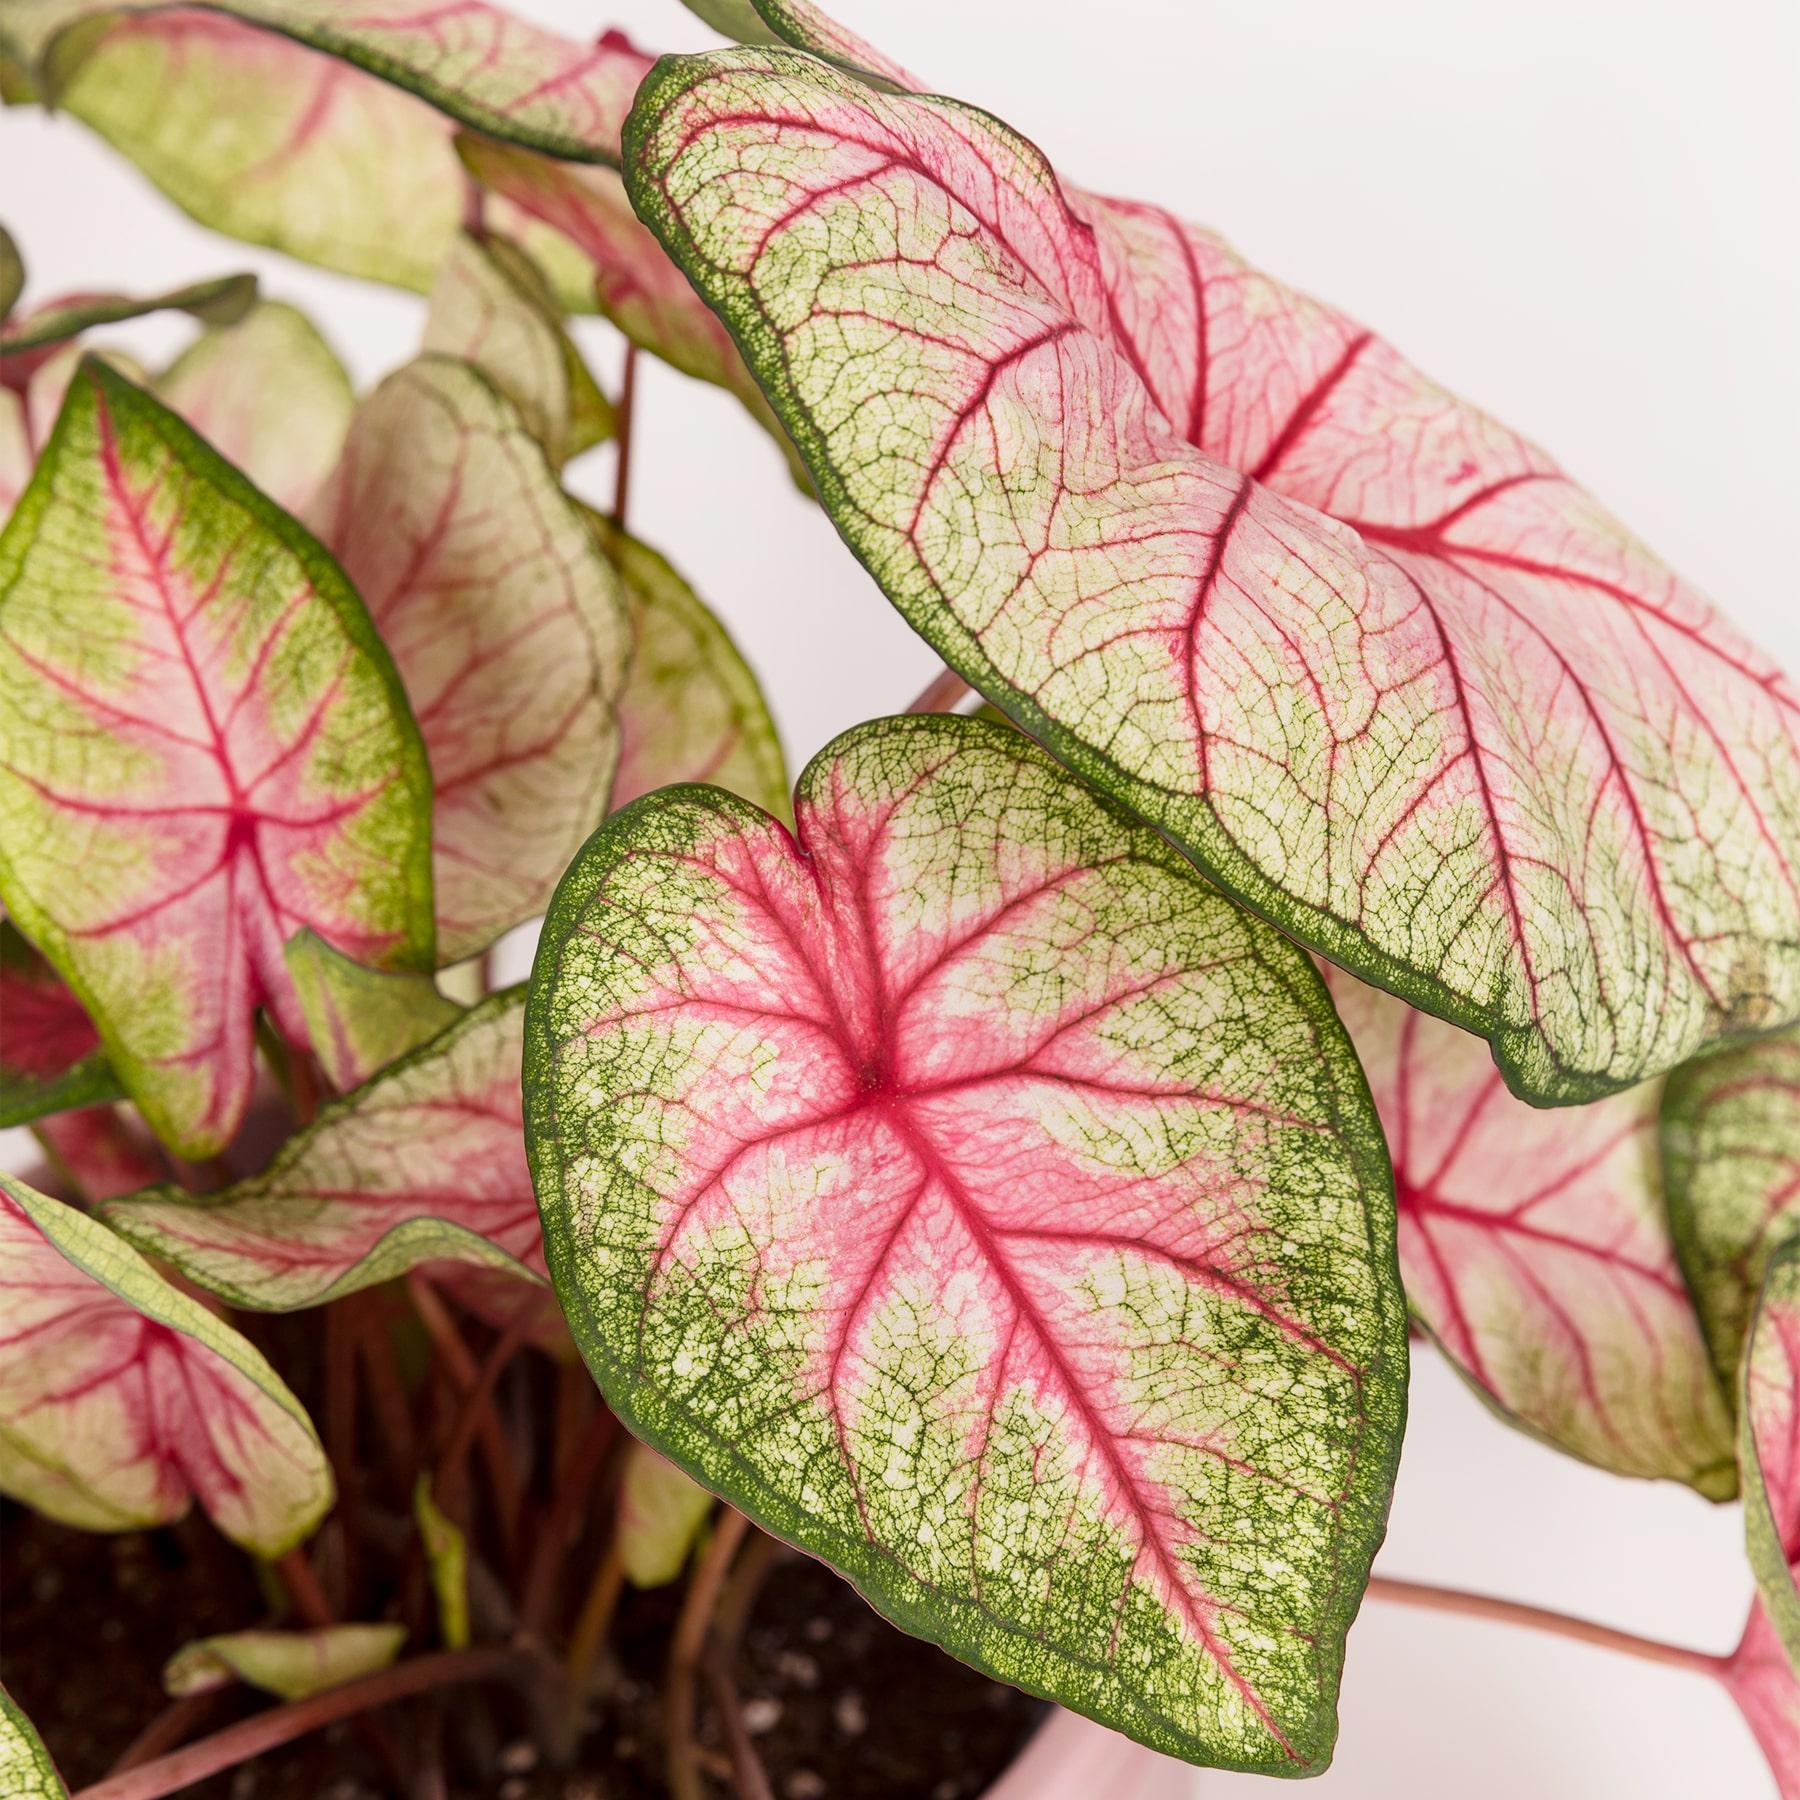 caladium planta